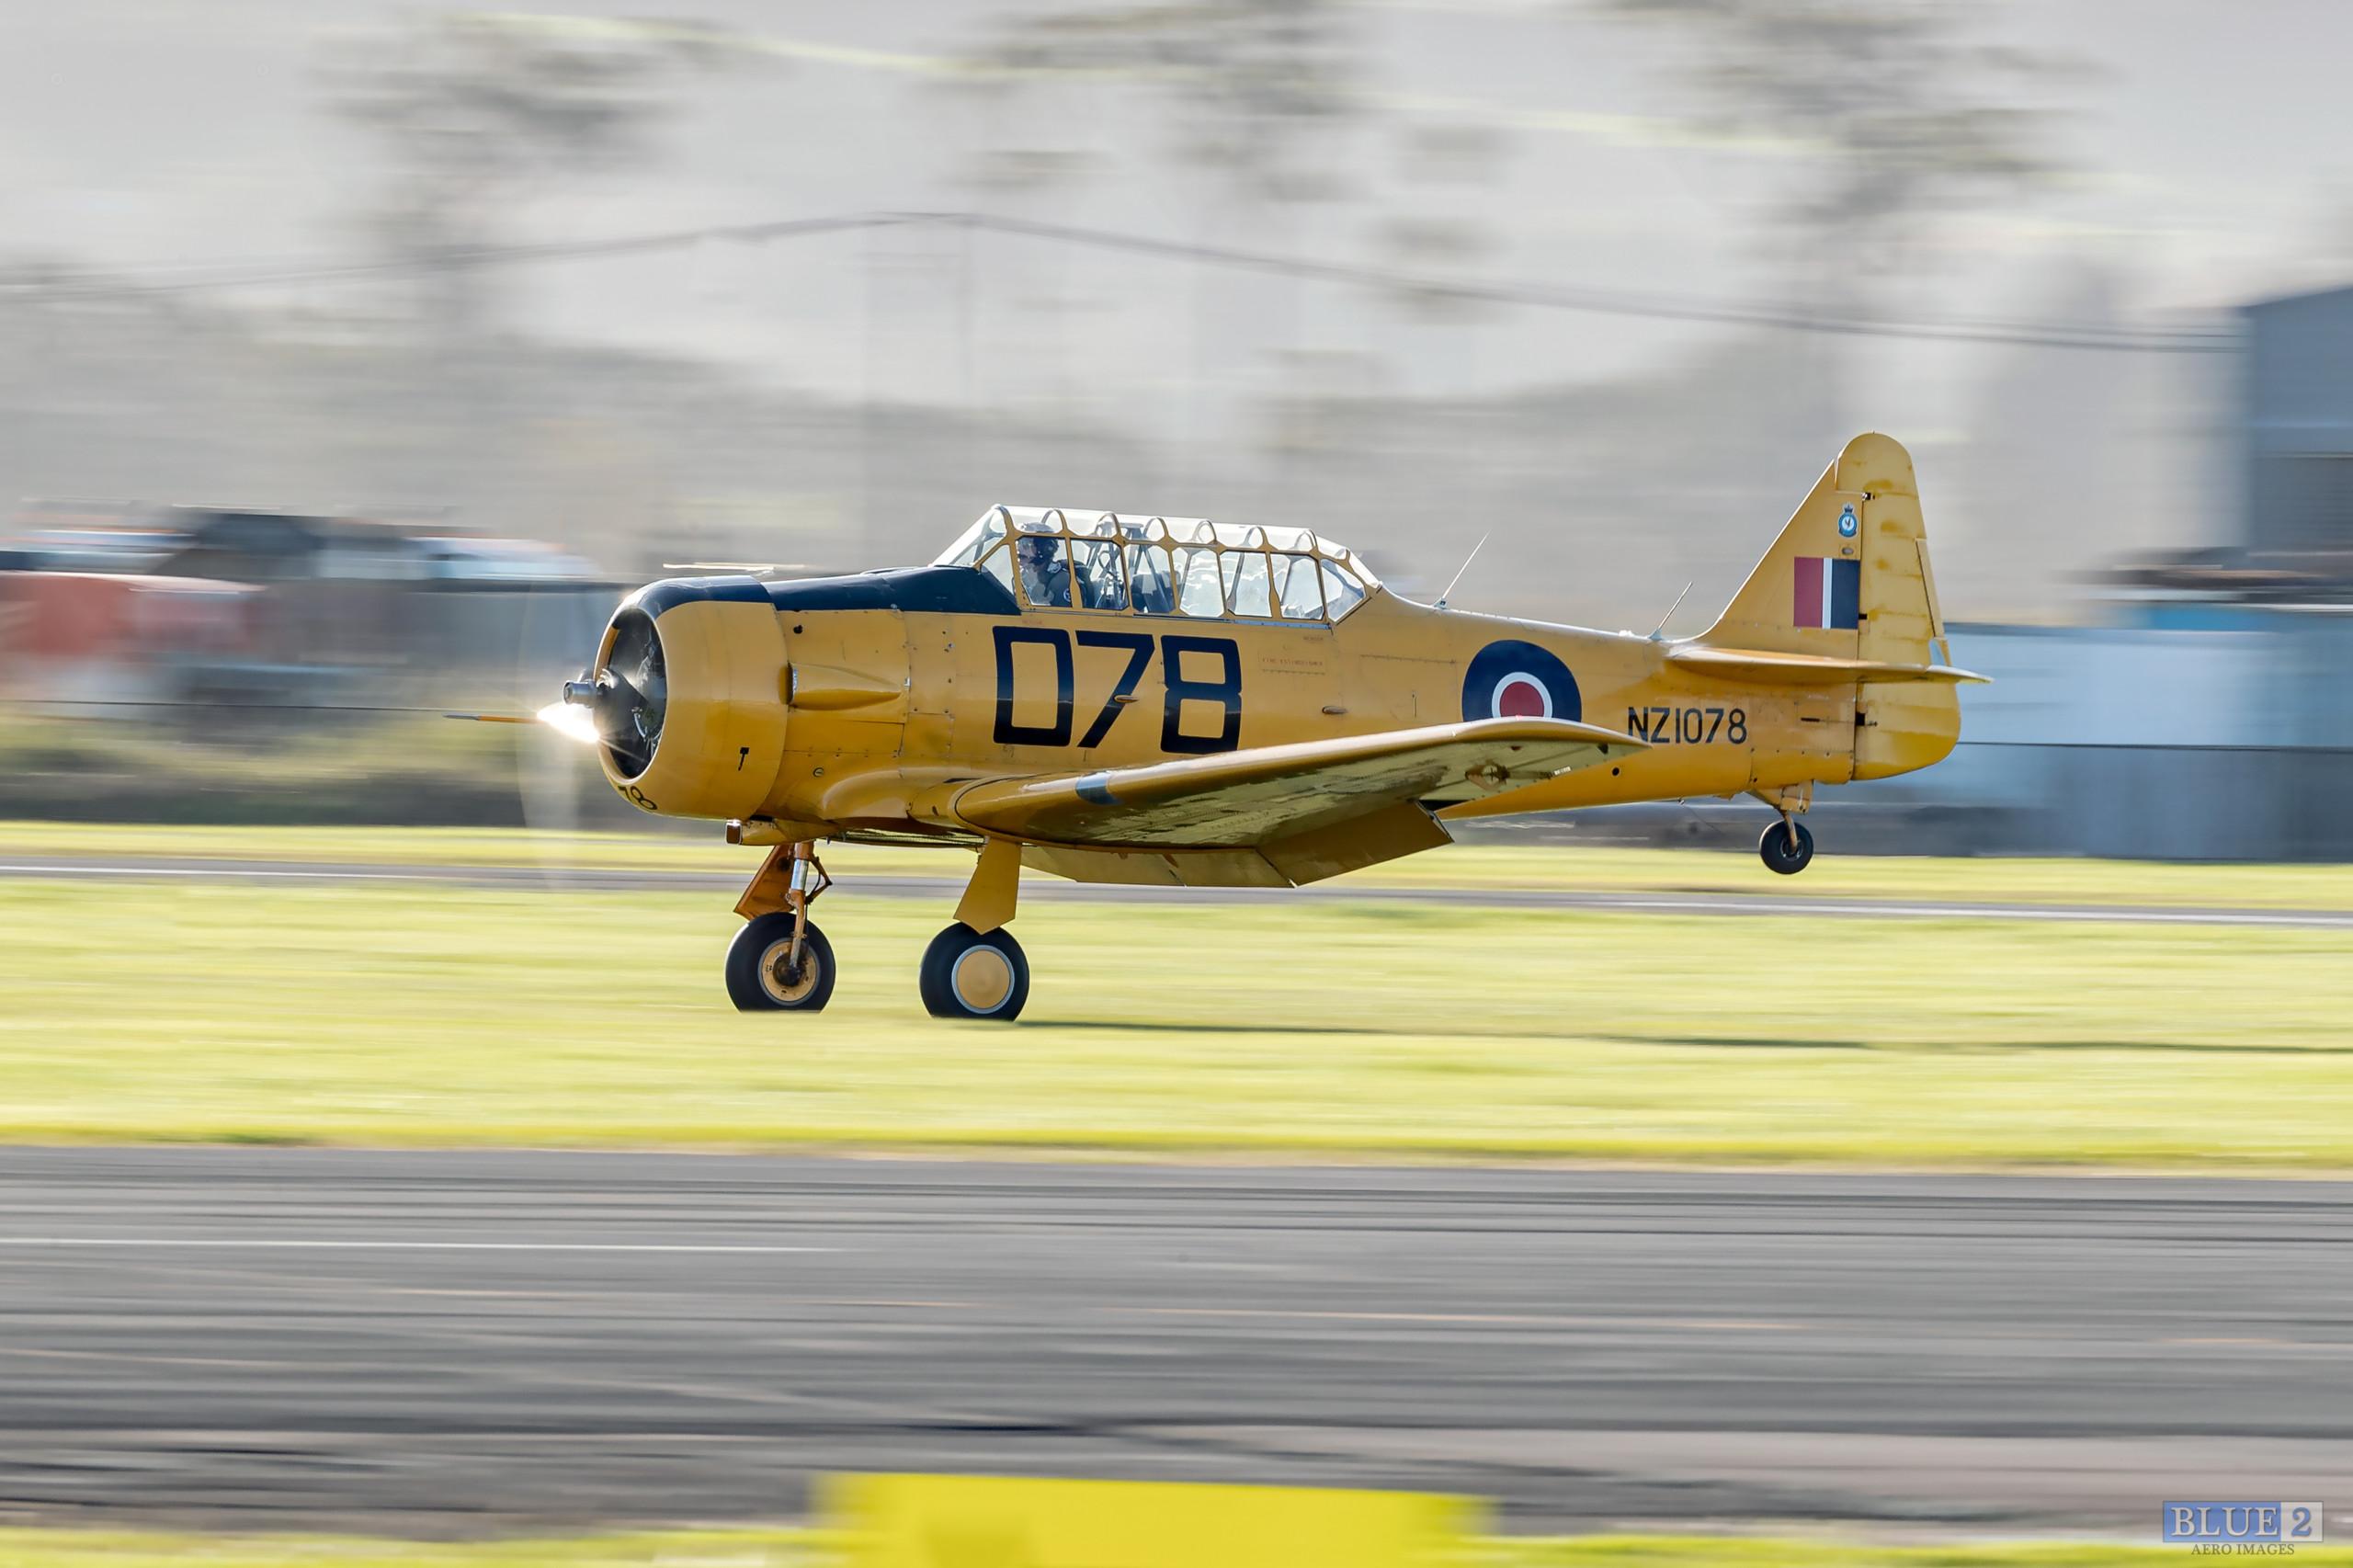 North American T-6 Harvard - NZWarbirds